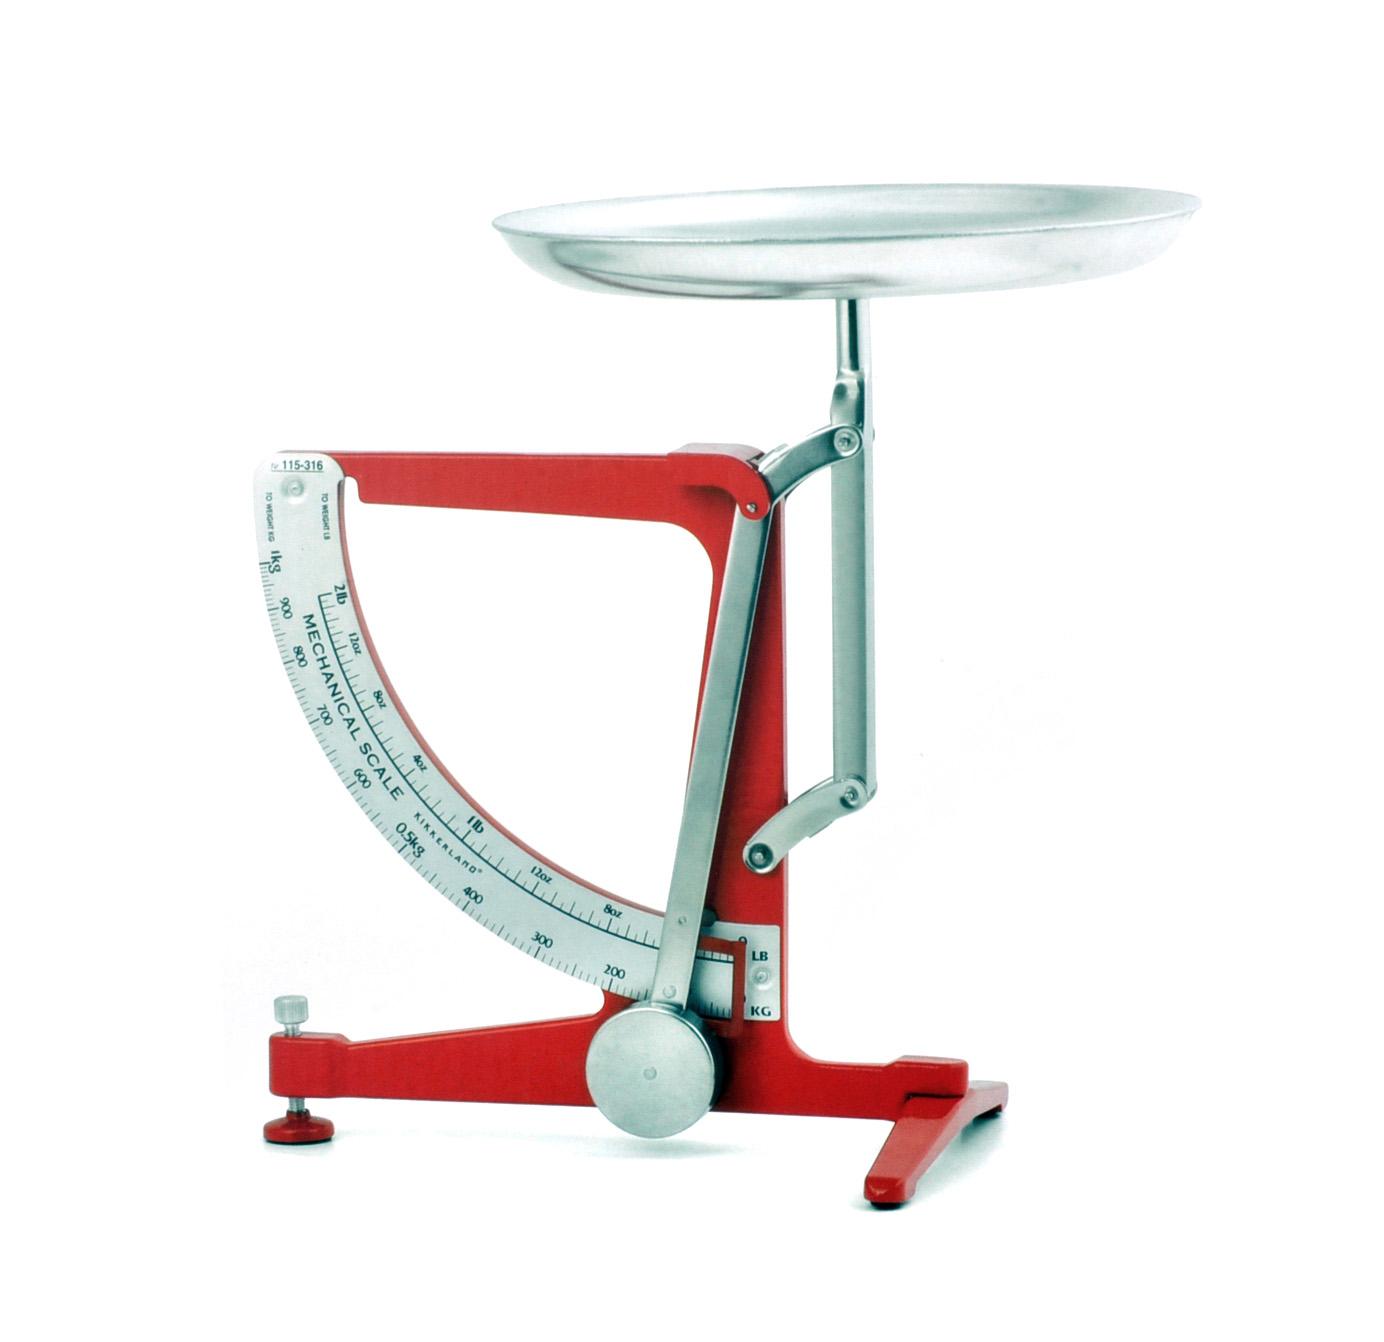 Mecanique Balance De Cuisine 20 3x25 4cm 20 X 25cm 1kg Max